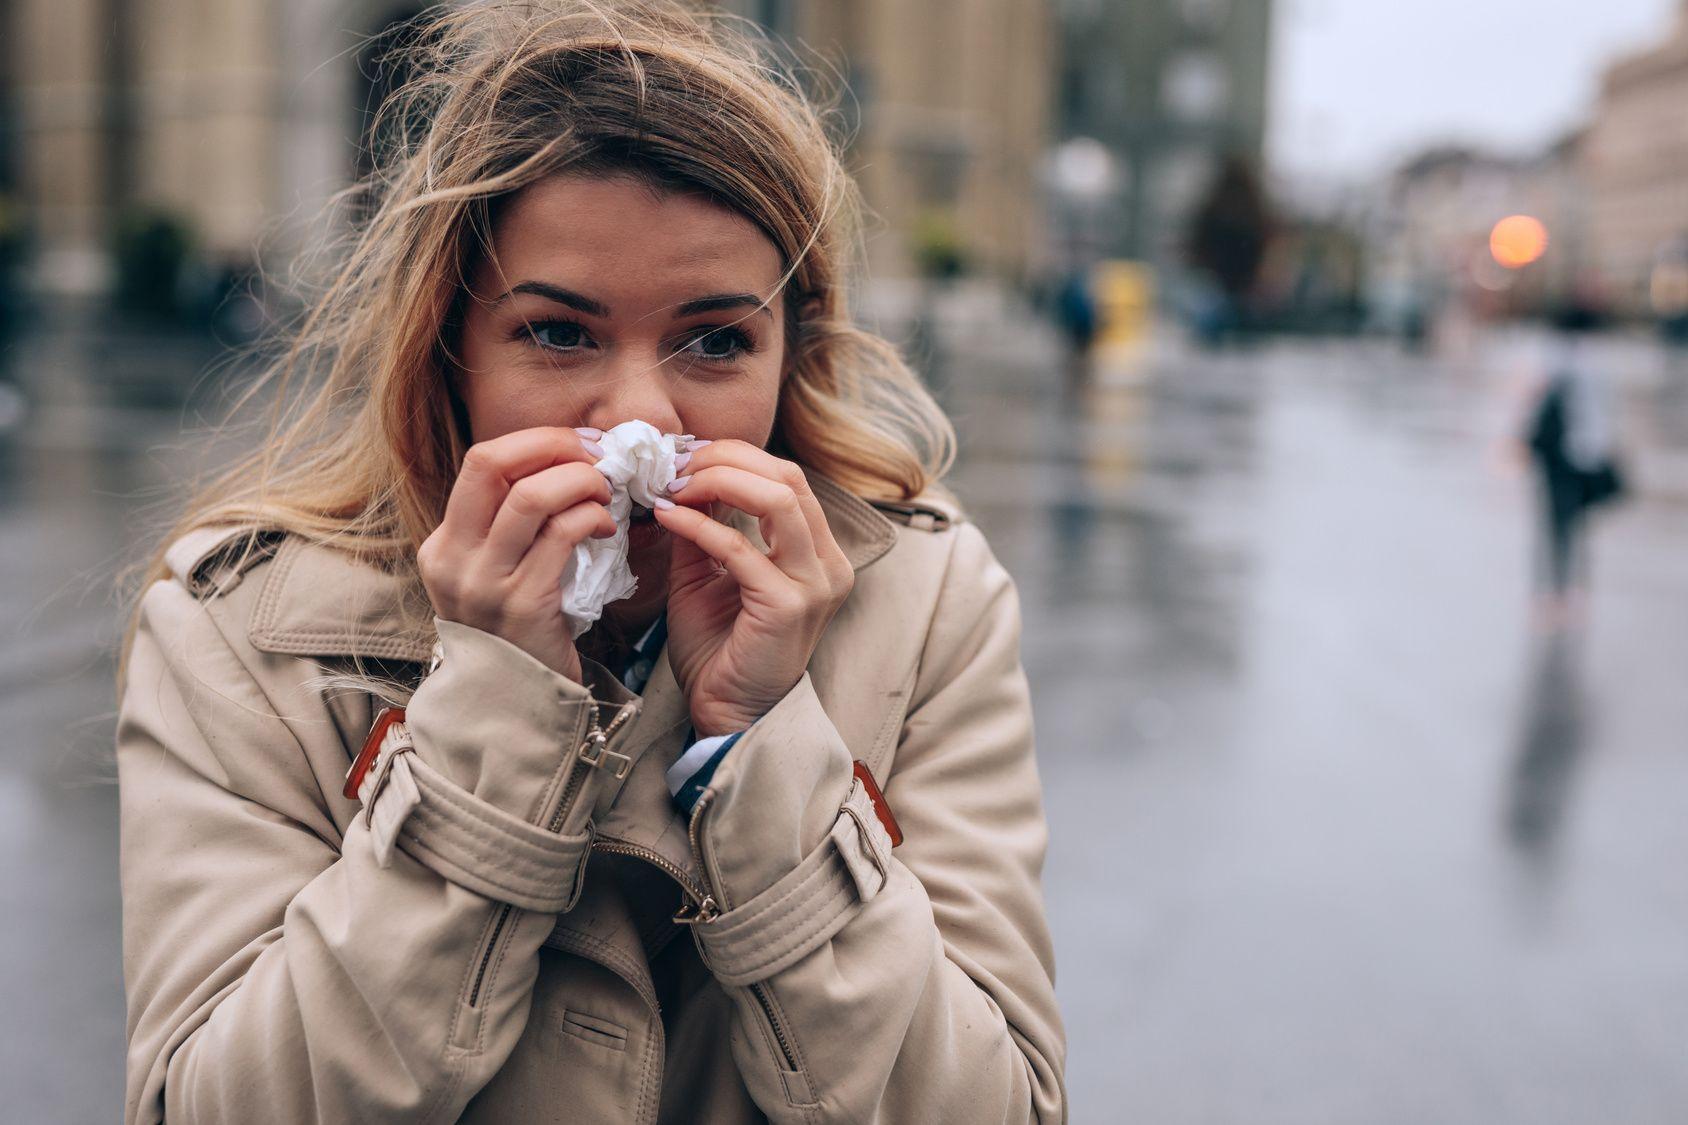 注意流感/インフルエンザに注意